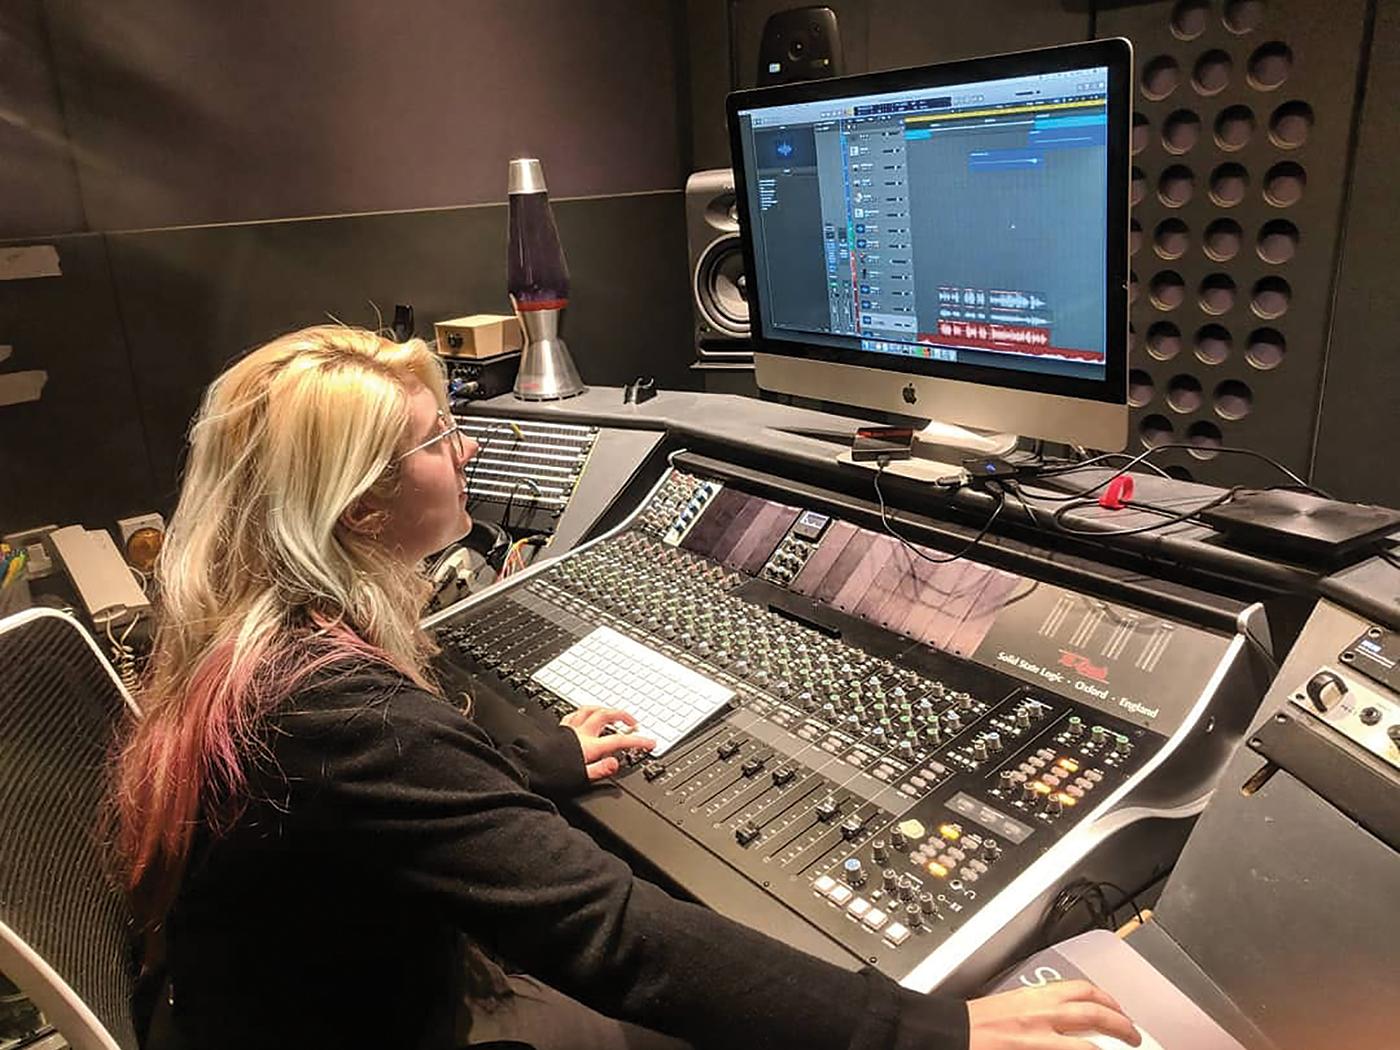 Laura Deakin Davies in the studio